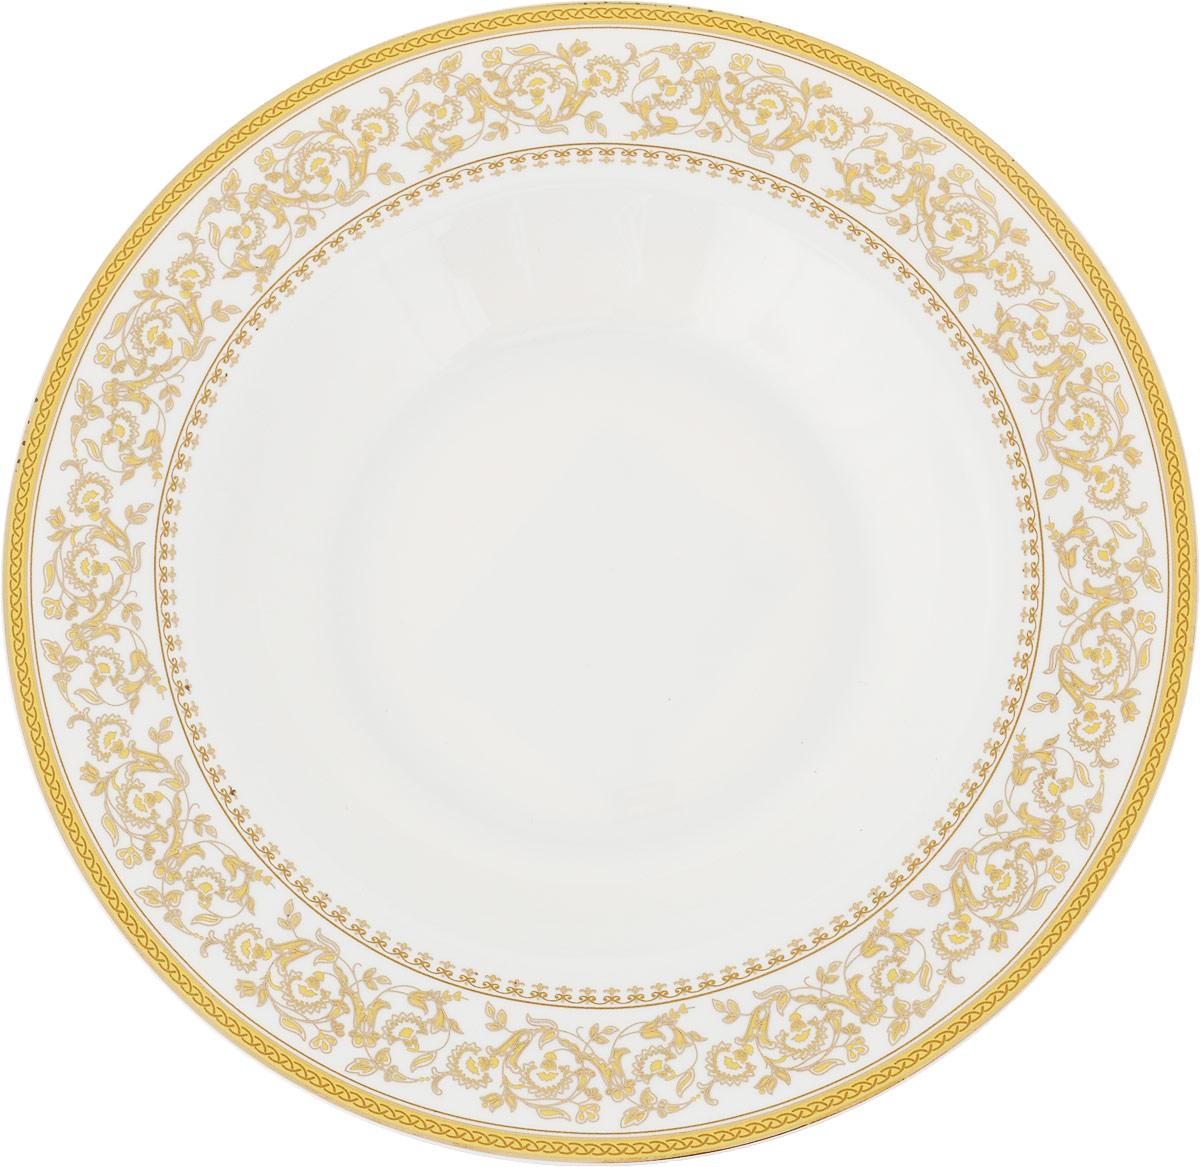 Тарелка суповая МФК-профит Империя, диаметр 21,5 см империя бокаччо в иркутске